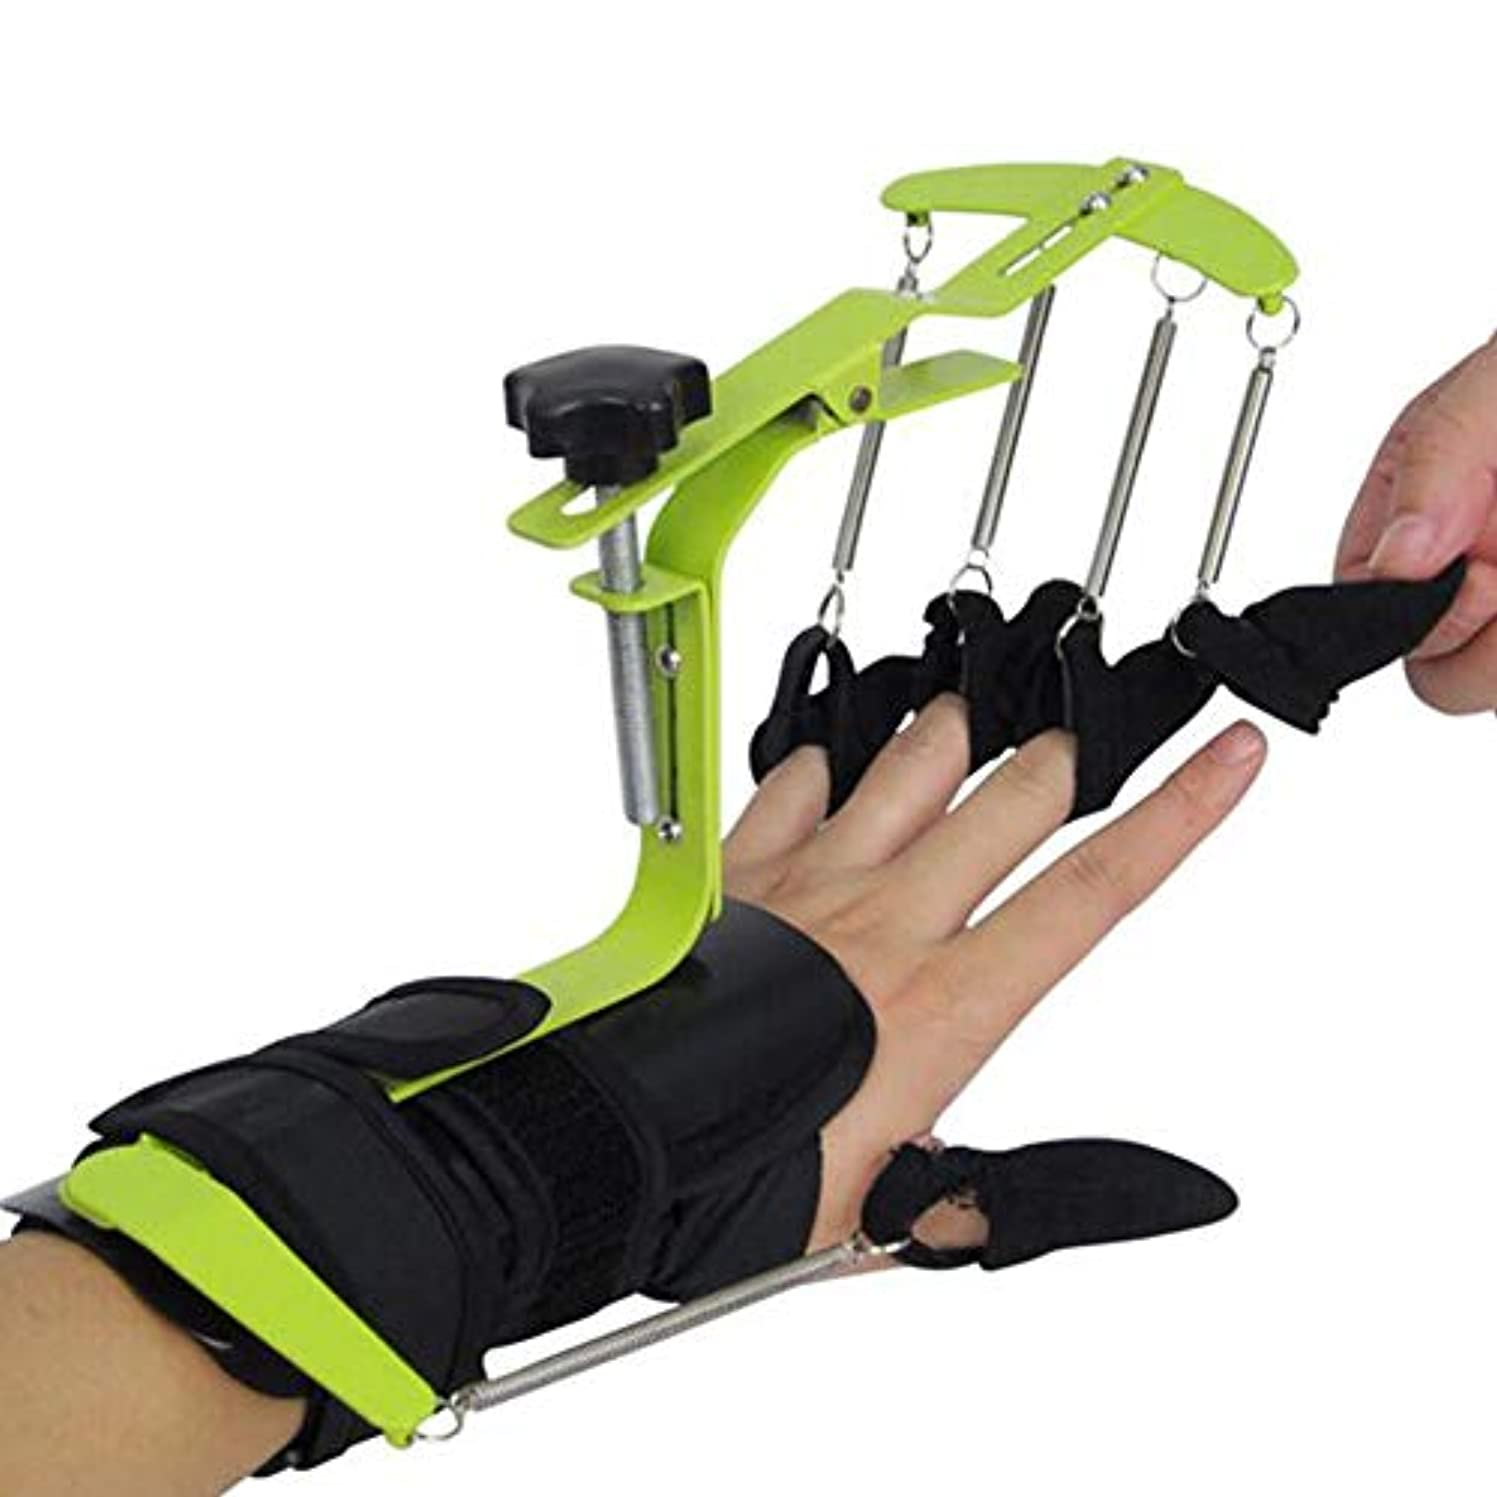 昼寝好き排気片麻痺性脳性麻痺リハビリテーションのために機能する指の訓練装置訓練装置ブレースボード別々の親指手首ブレース手